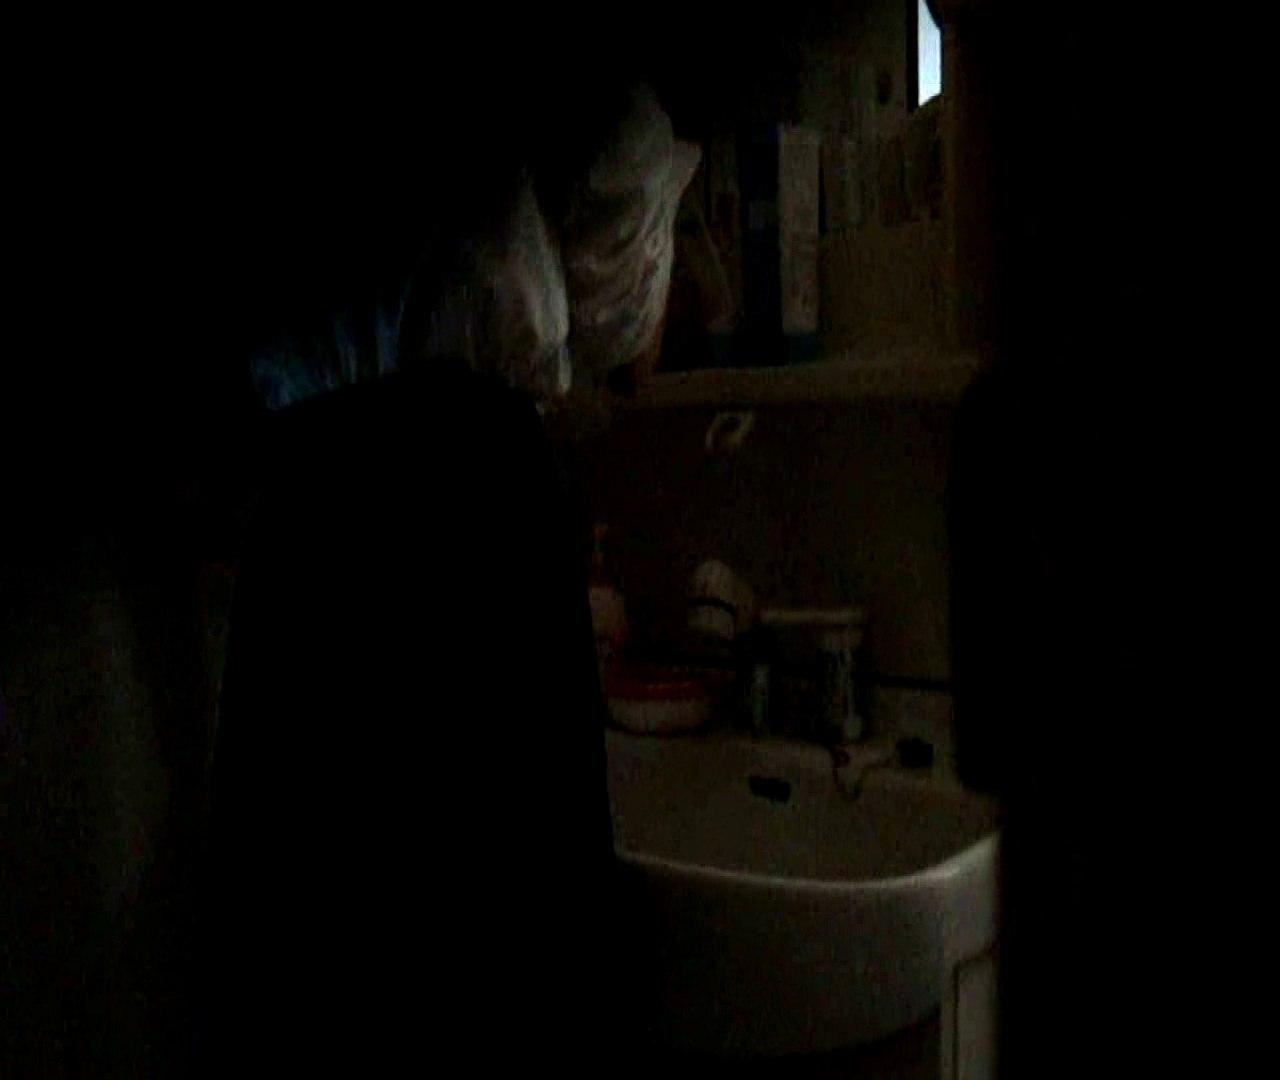 二人とも育てた甲斐がありました… vol.05 まどかが洗顔後にブラを洗濯 HなOL | 0  98pic 30